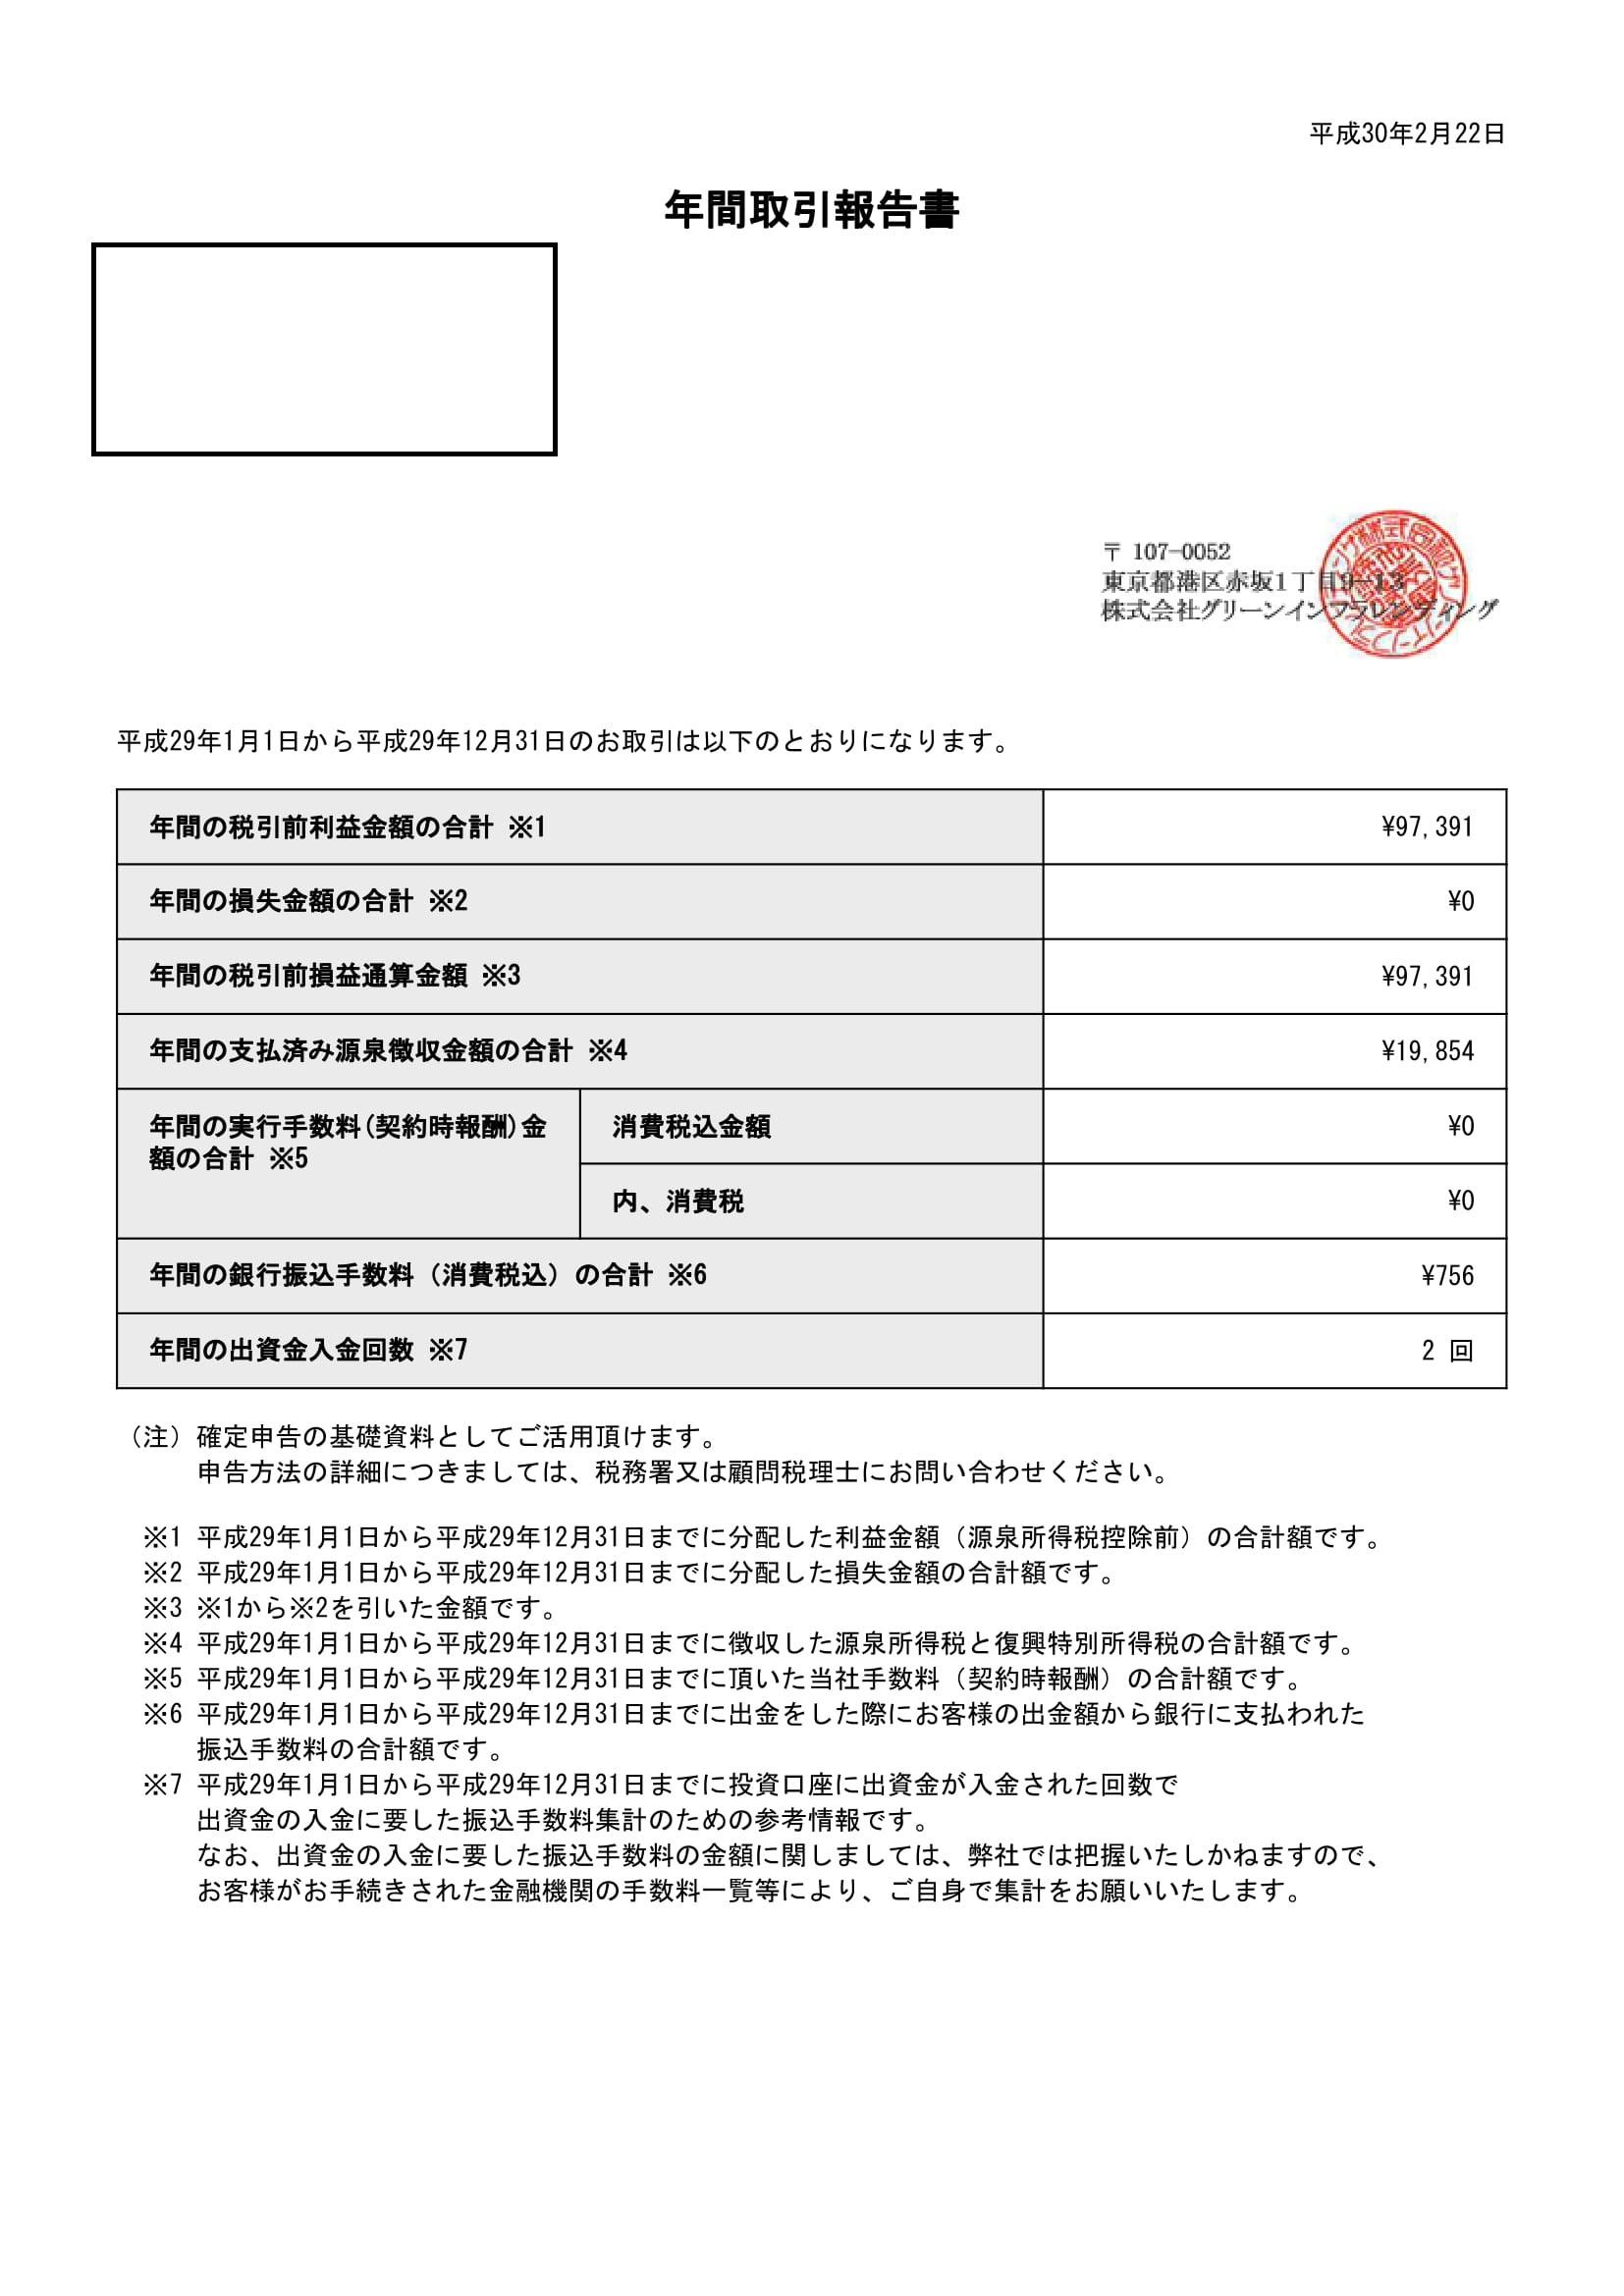 グリーンインフラレンディングAnnualReportLender__100085_201701_20180222123925-1